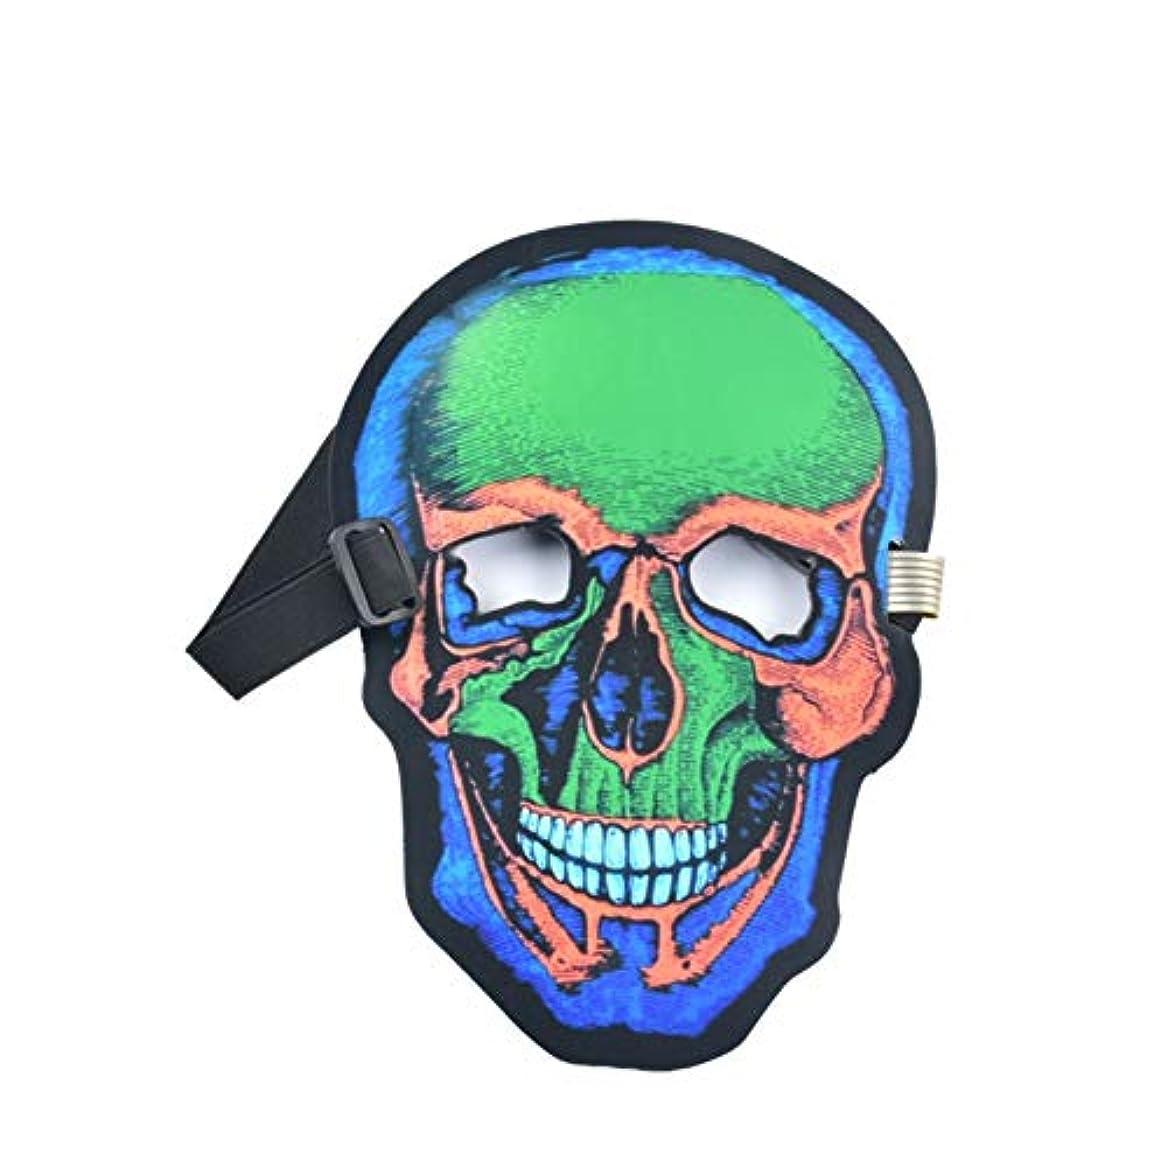 メカニックメルボルンしわEsolom ハロウィンドレスアップ どくろ頭 音声制御マスク 音作動LED照明マスク ウサギのデザイン ハロウィンマスク DJミュージックマスク